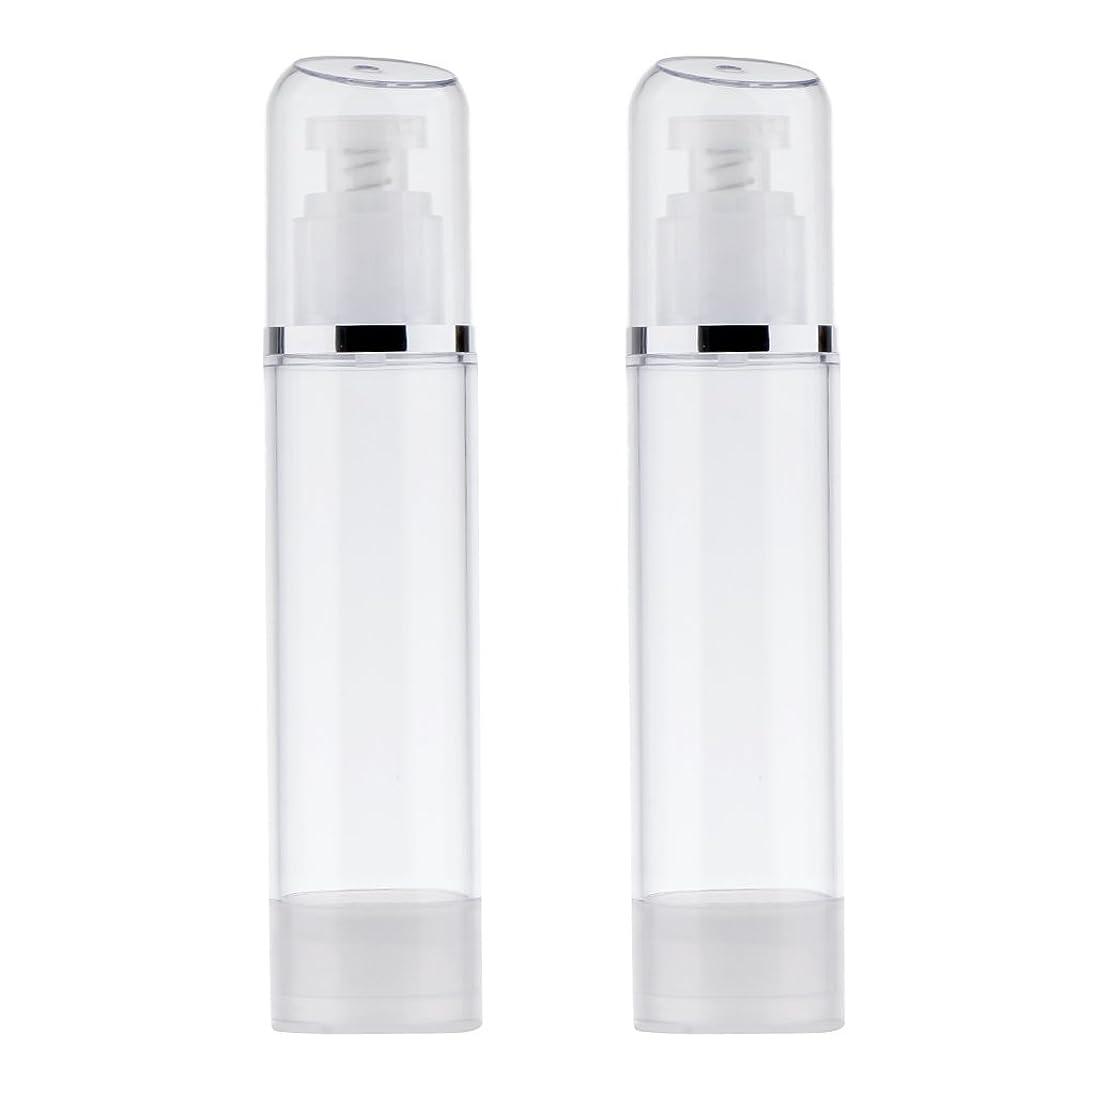 徒歩で展望台塩辛いBlesiya 2個 空ボトル ポンプボトル ローション 化粧品 クリーム ボトル エアレスポンプディスペンサー プラスチック 100ml クリア